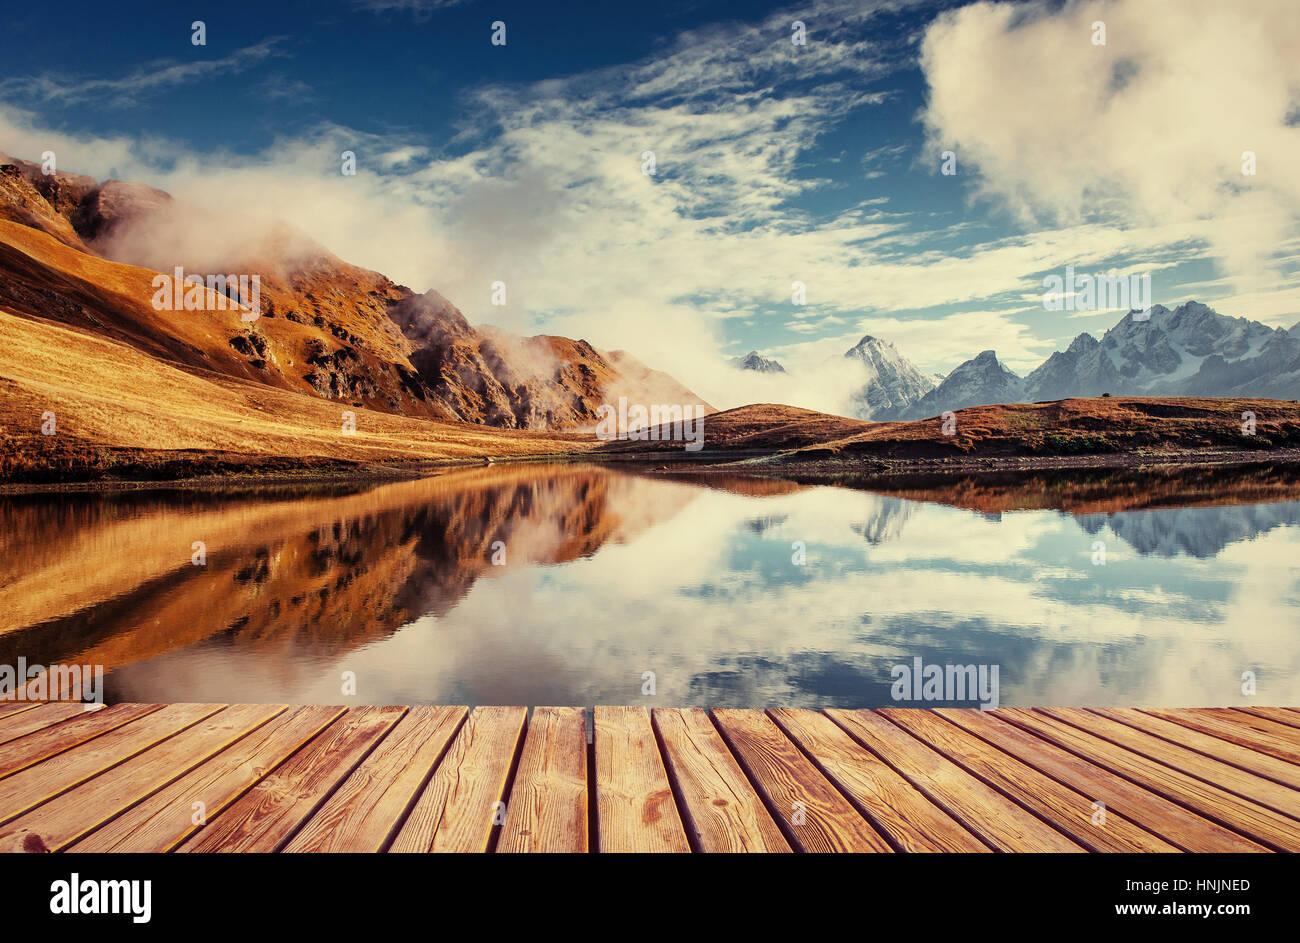 Le paysage pittoresque dans les montagnes. Haut Svaneti, Georg Photo Stock